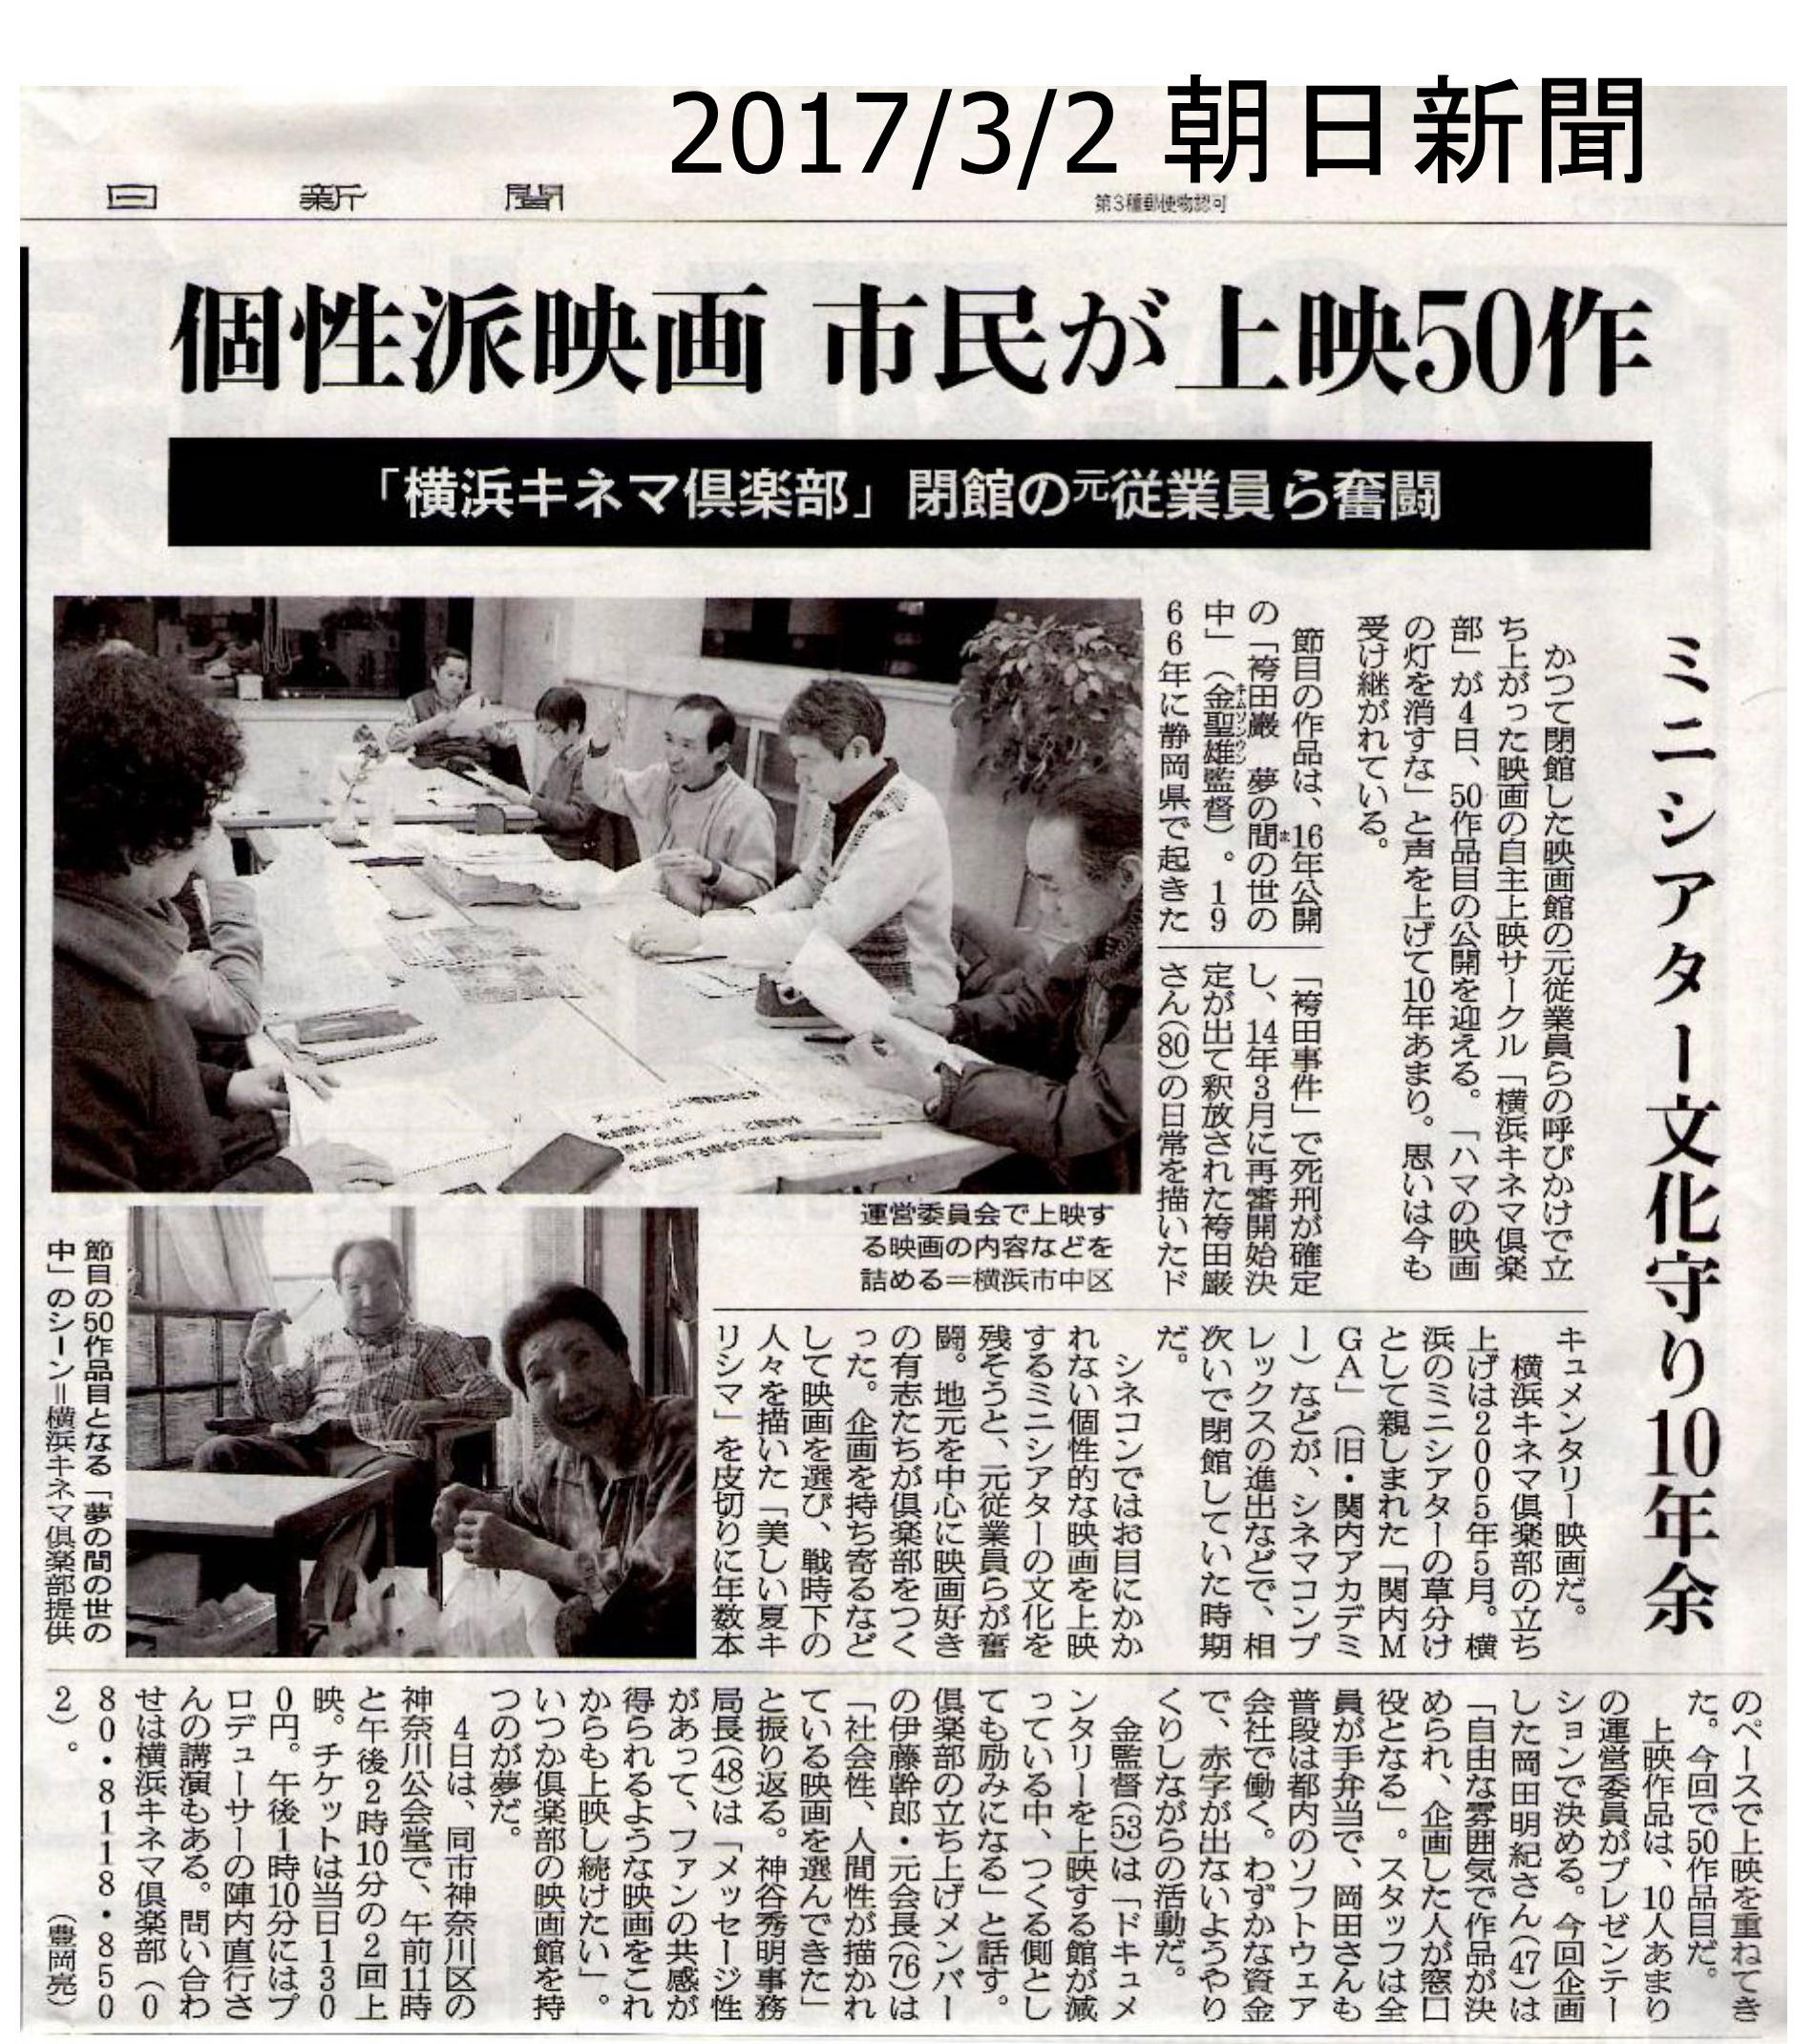 2017.3.2 朝日新聞